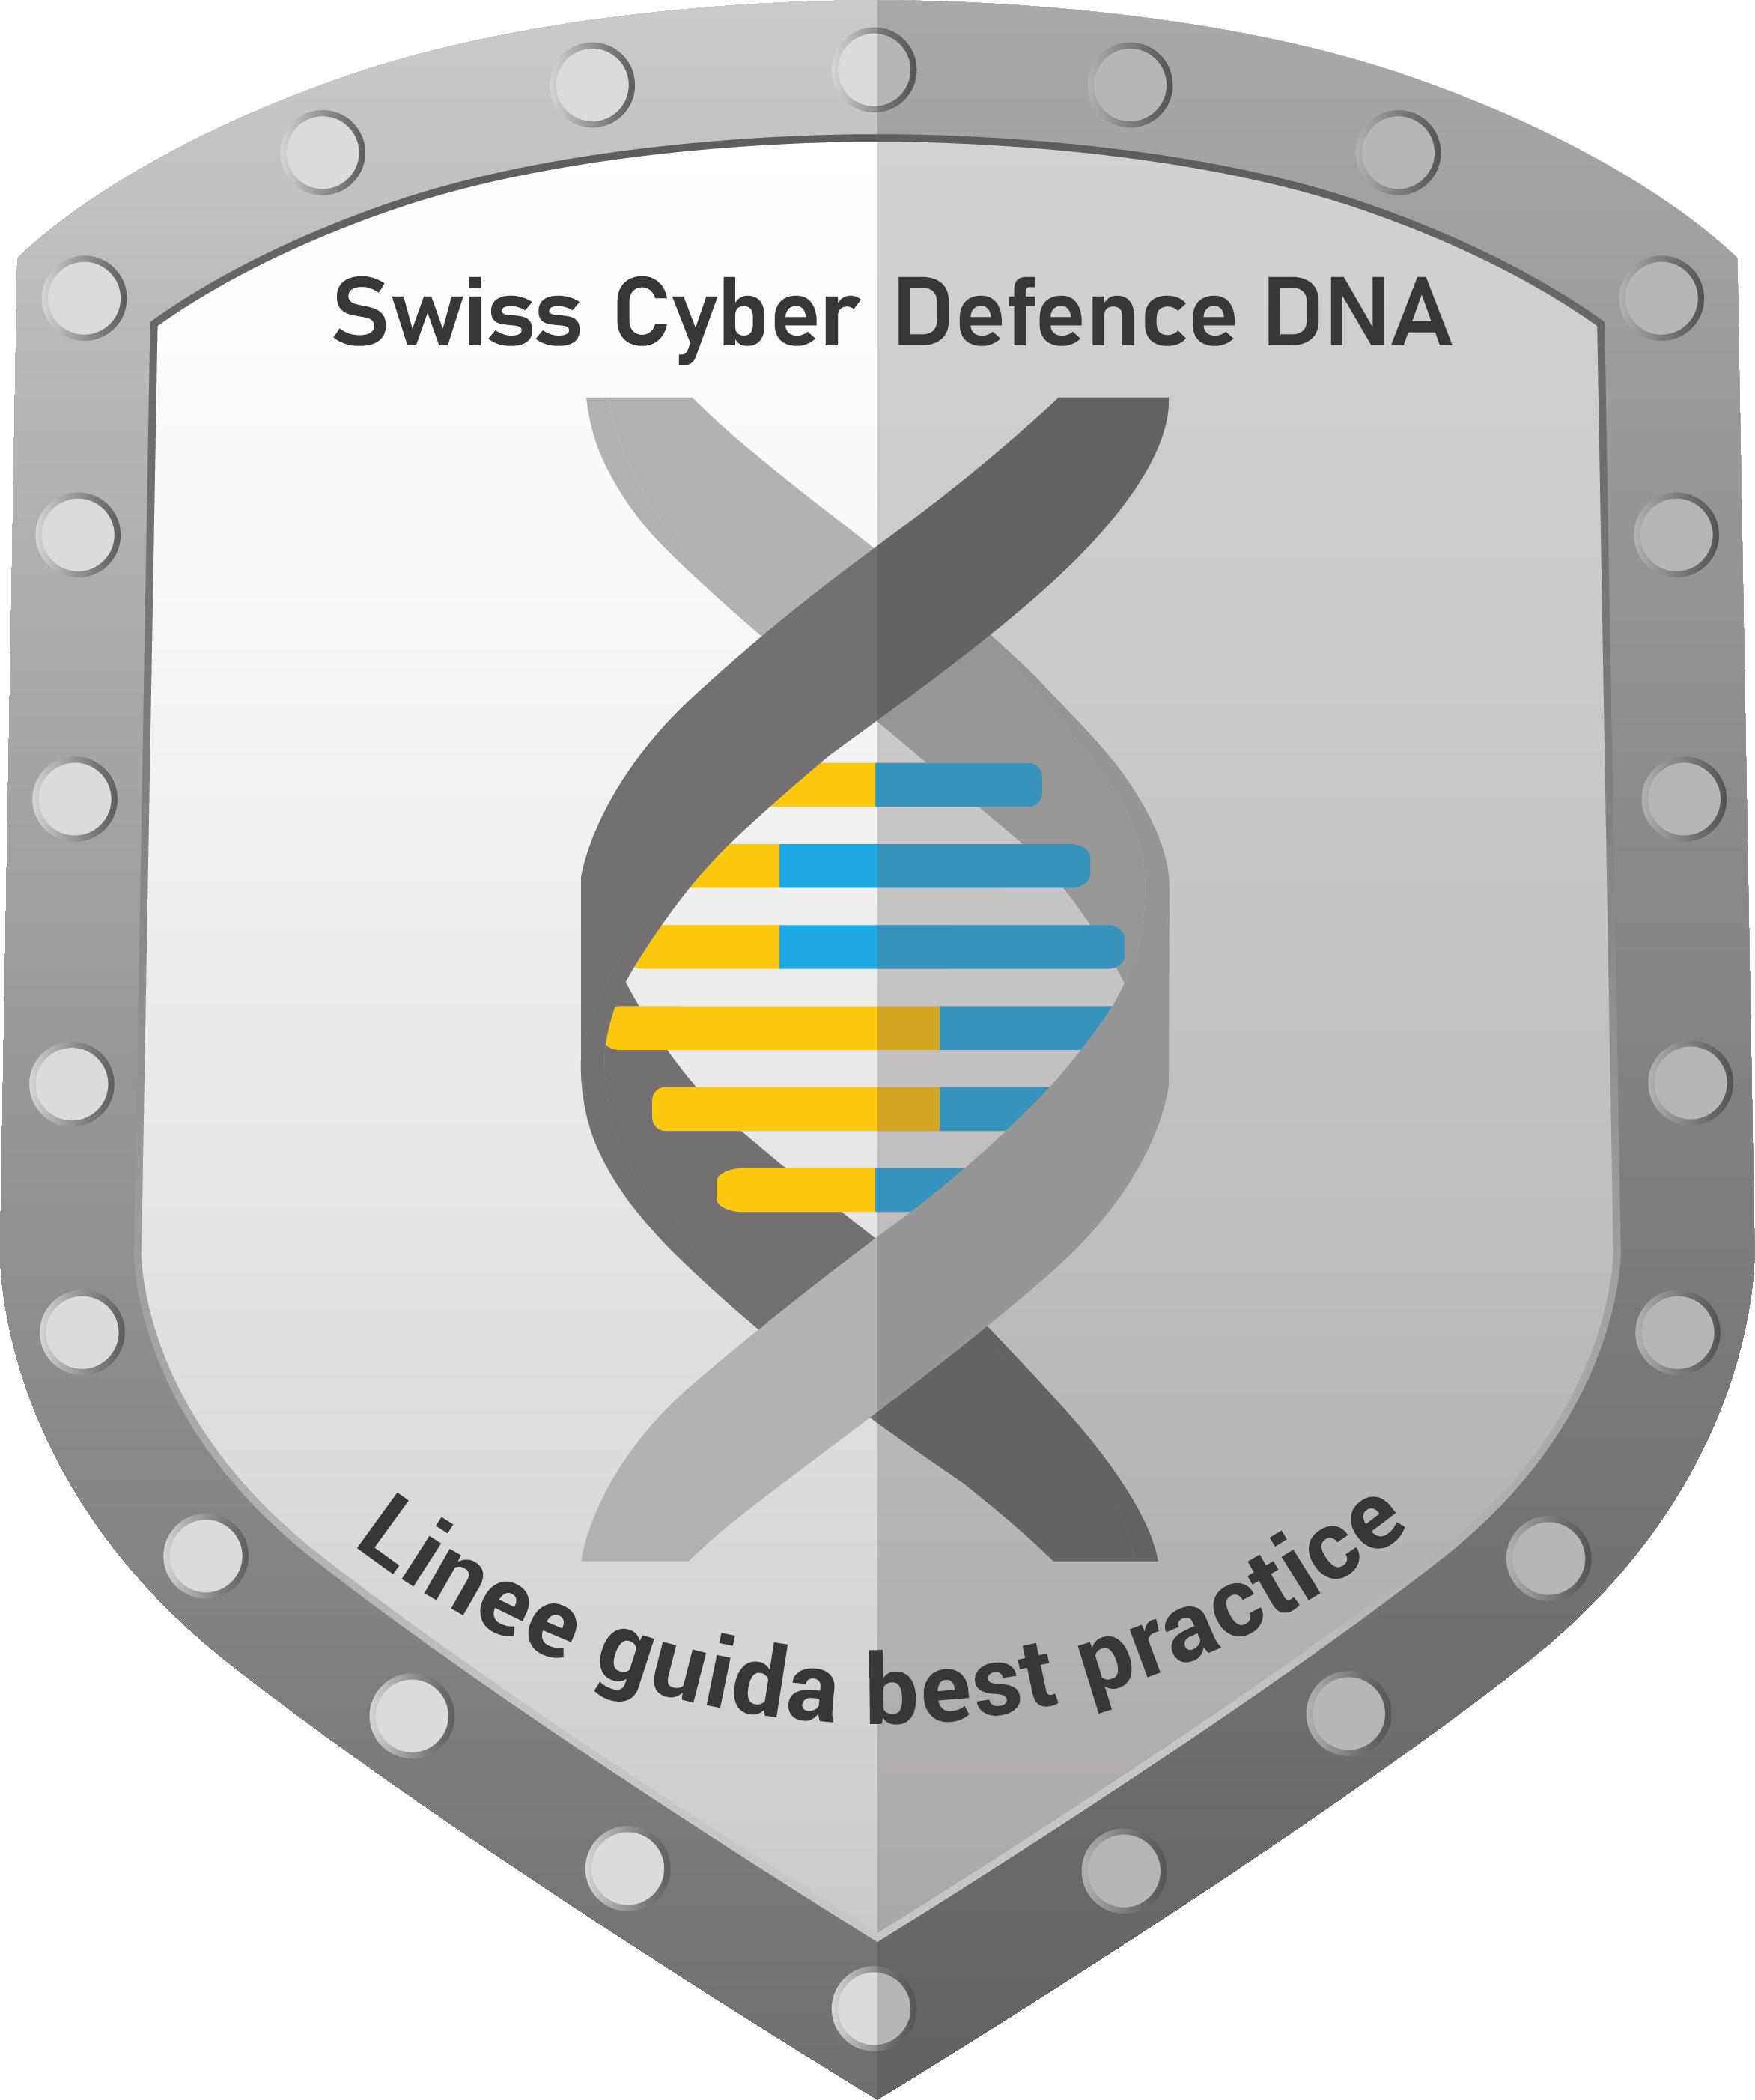 Swiss Cyber Defence DNA - Linee guida best practice